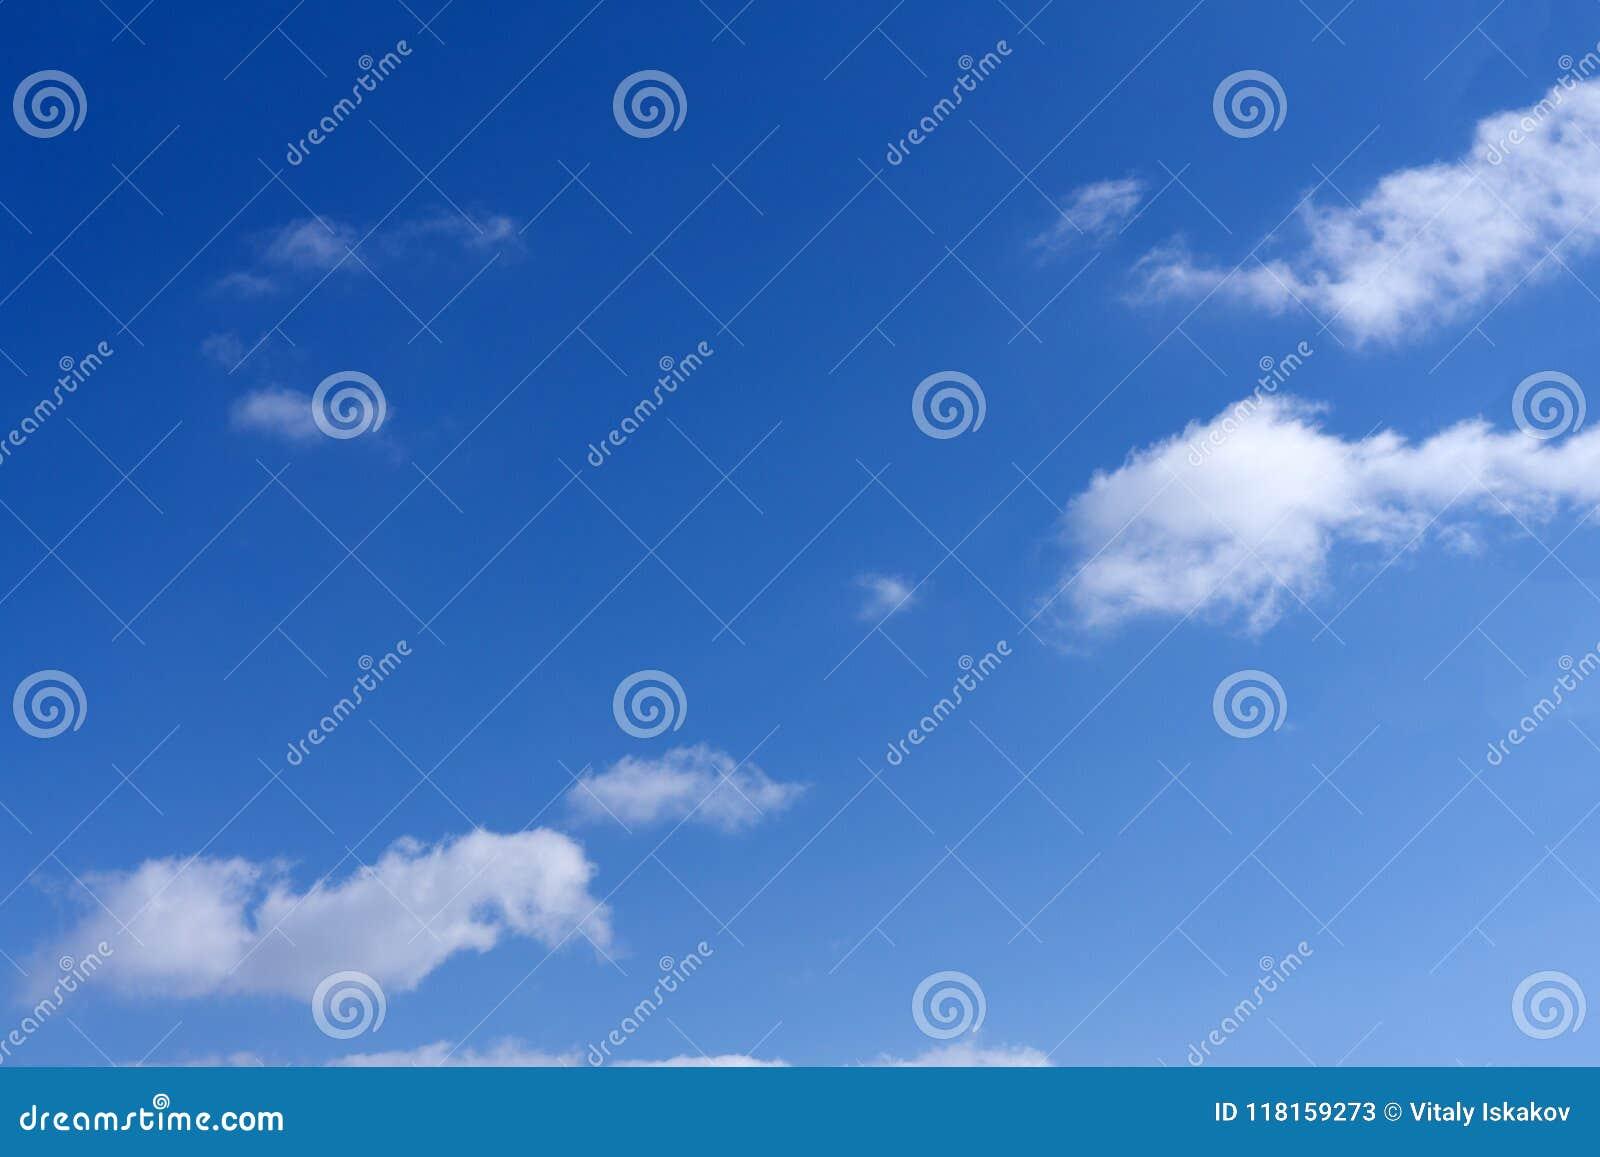 Blauwe de vochtigheids in openlucht bewolking van de golvend patroonmeteorologie